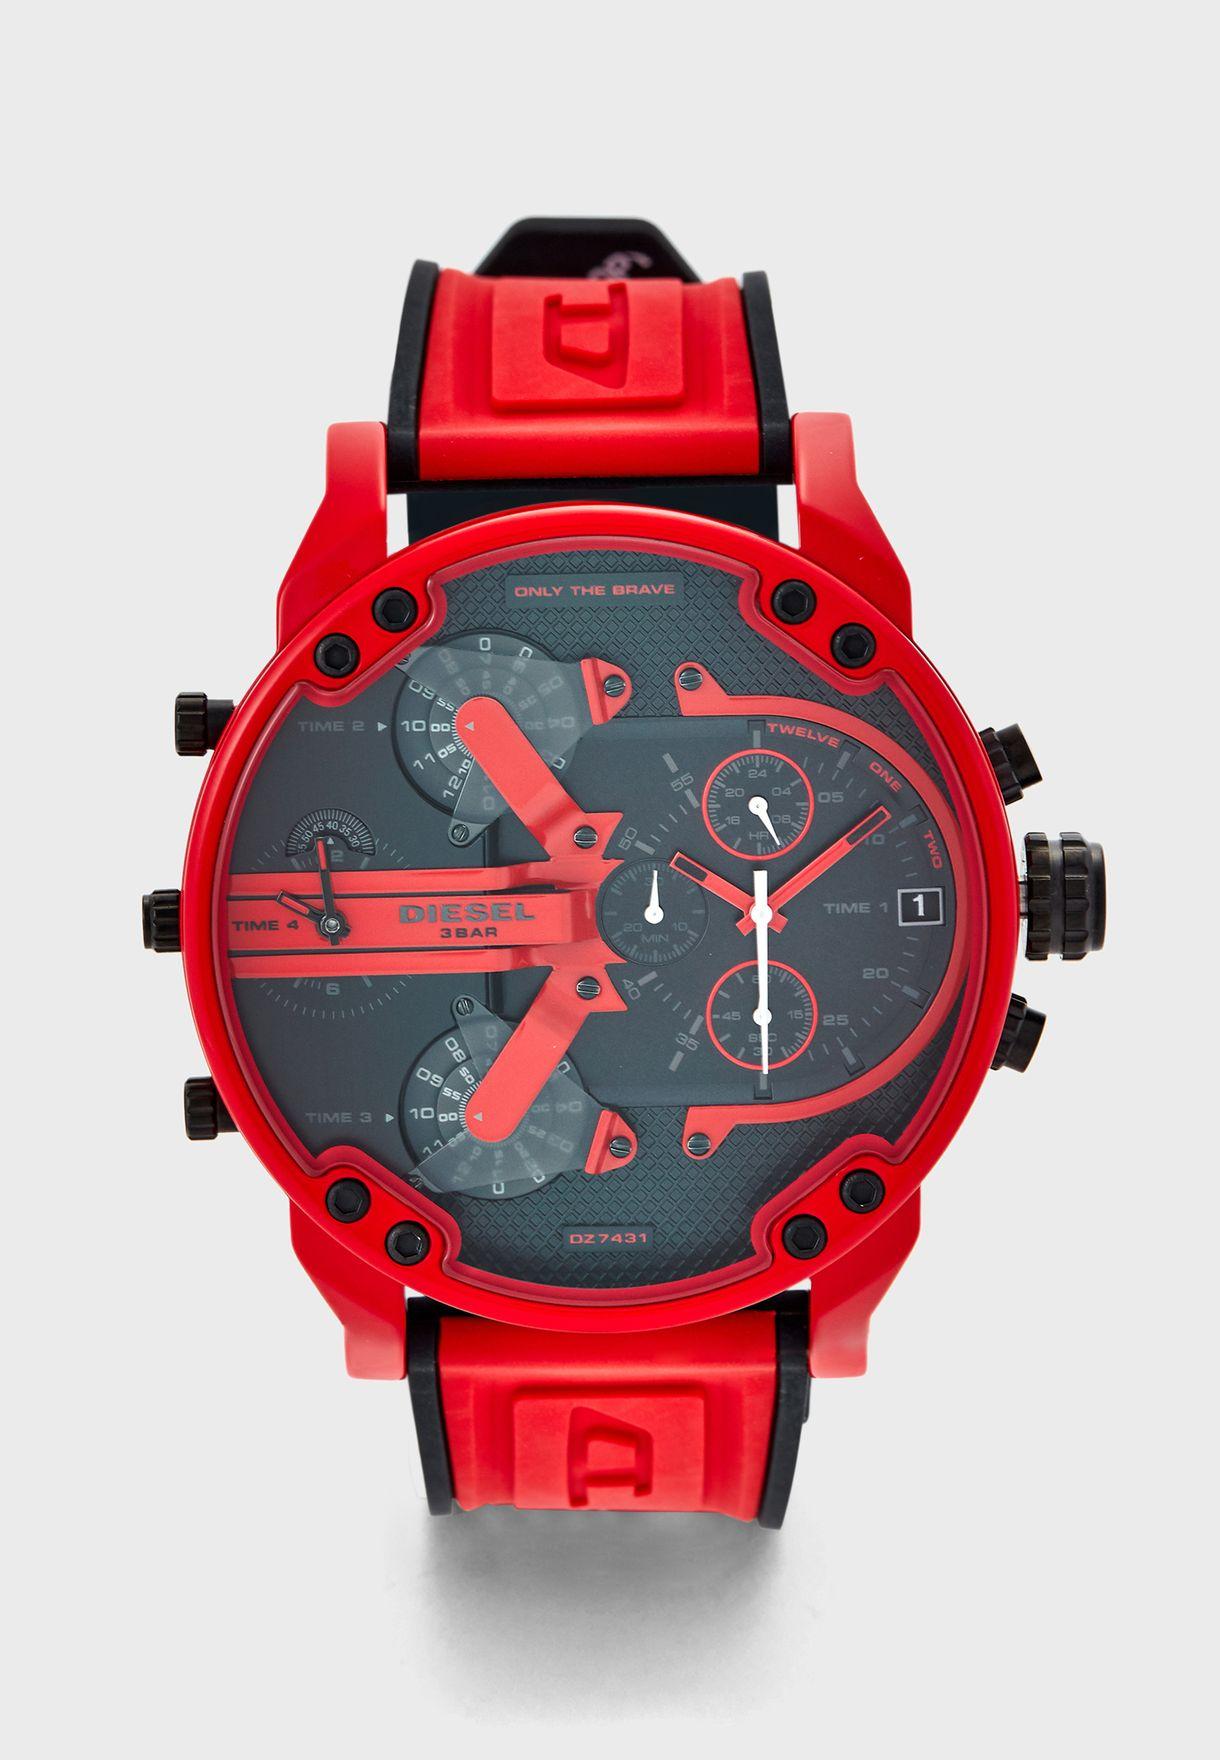 DZ7431 Daddy 2.0 Analog Watch